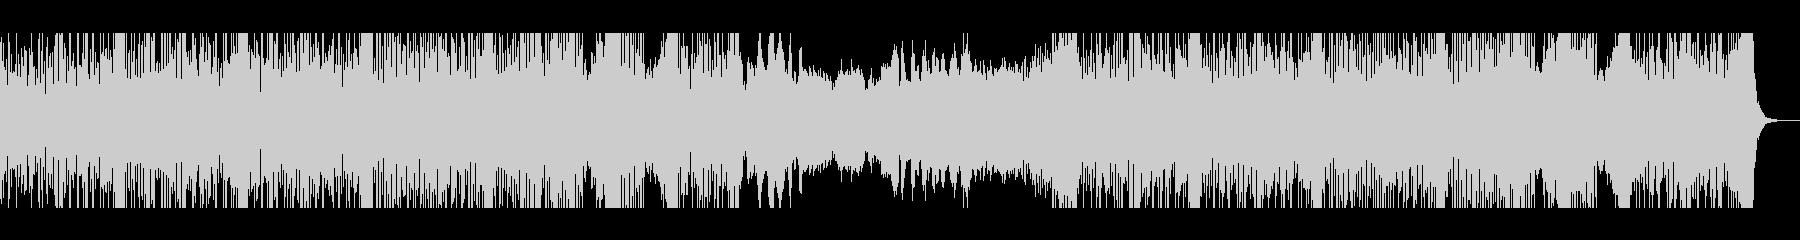 スリリングなストリングスベースの楽曲の未再生の波形